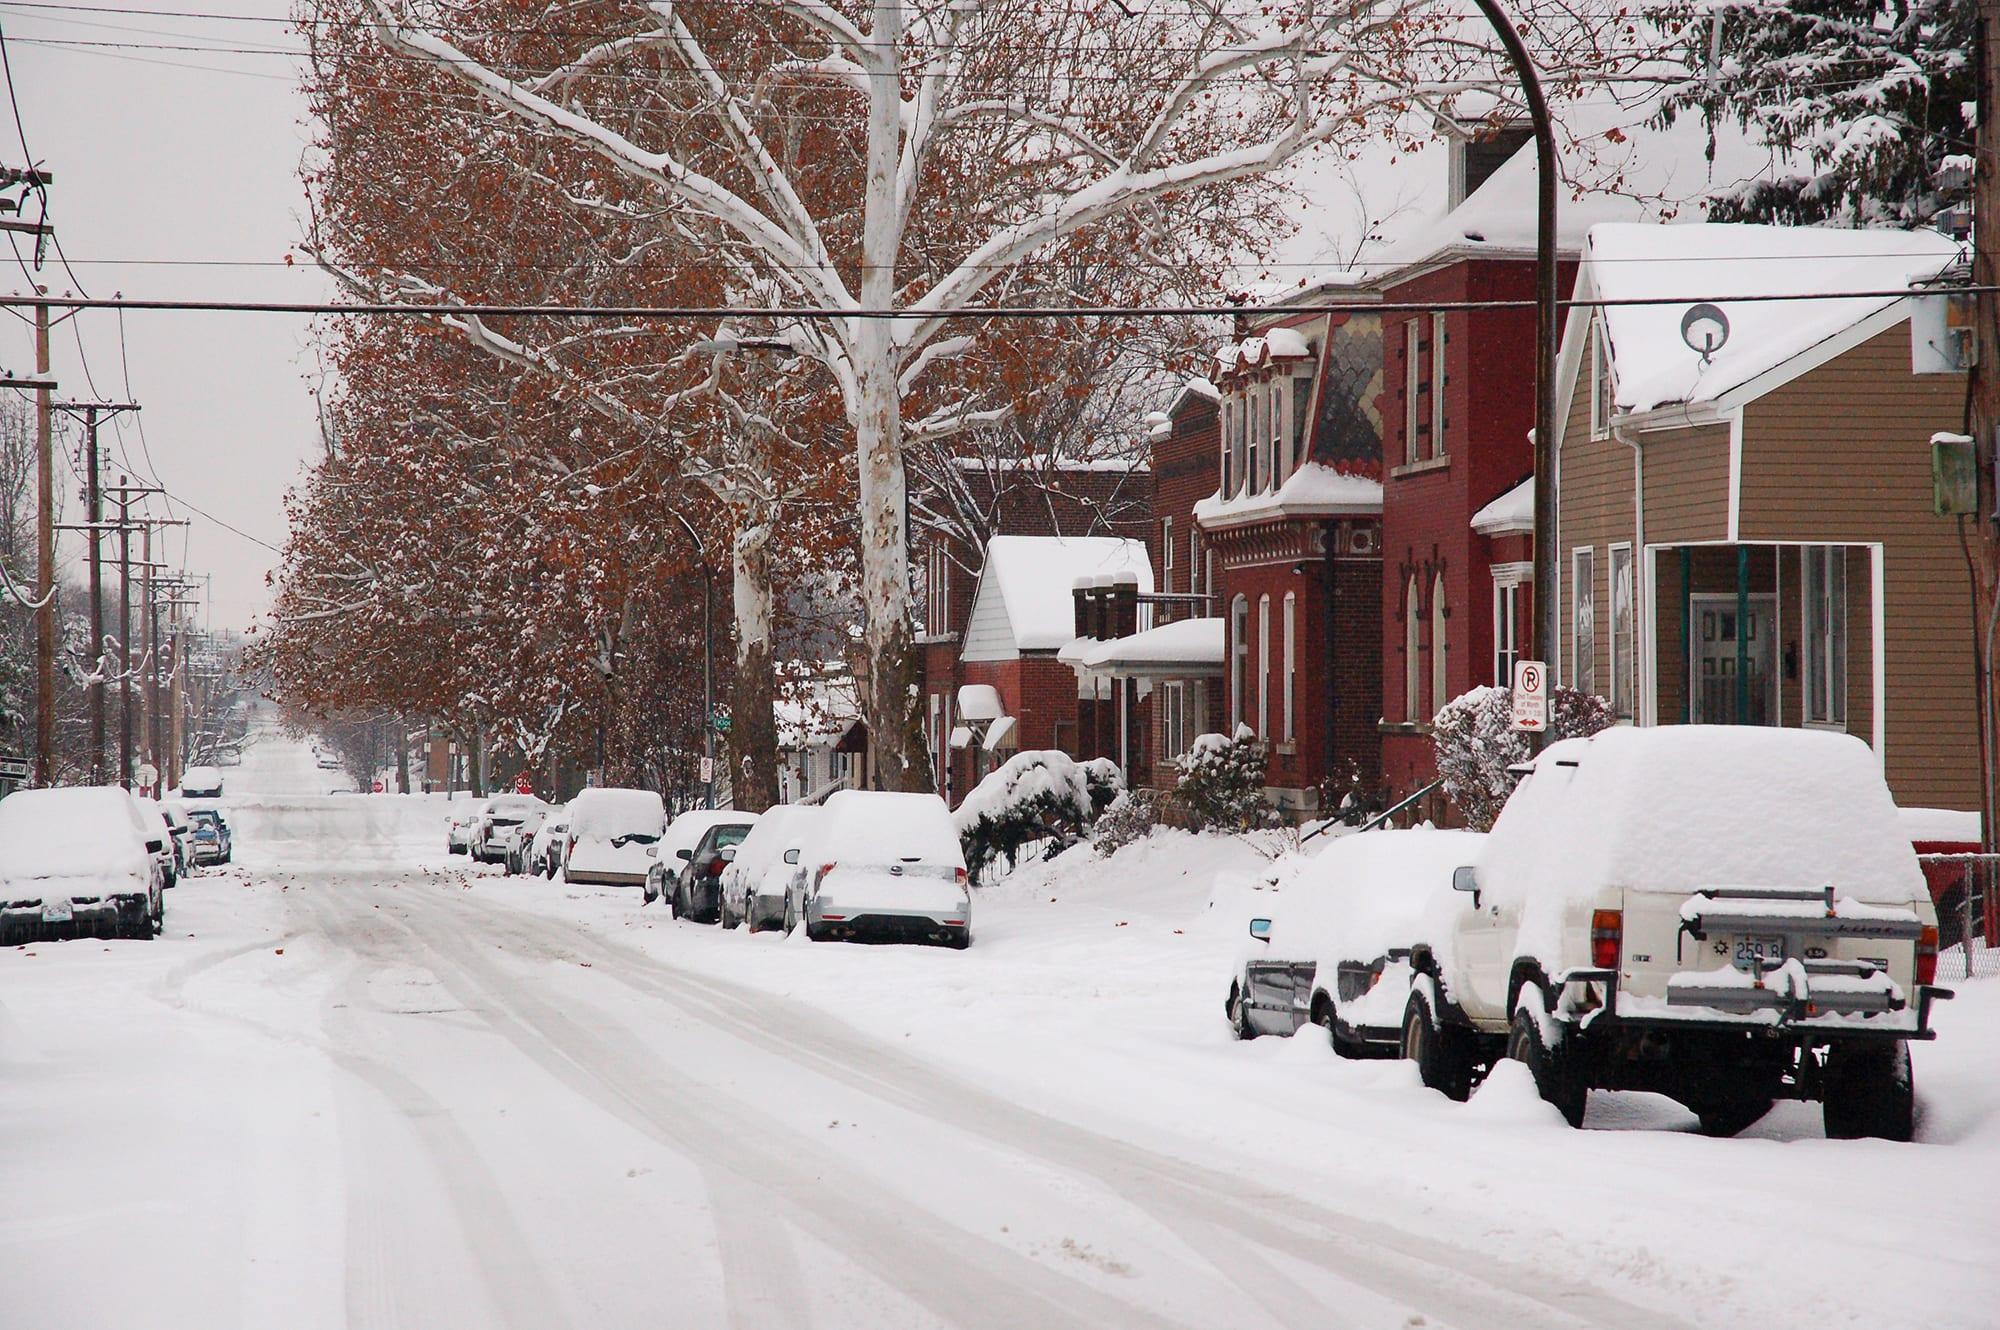 Louisiana Avenue in the snow.